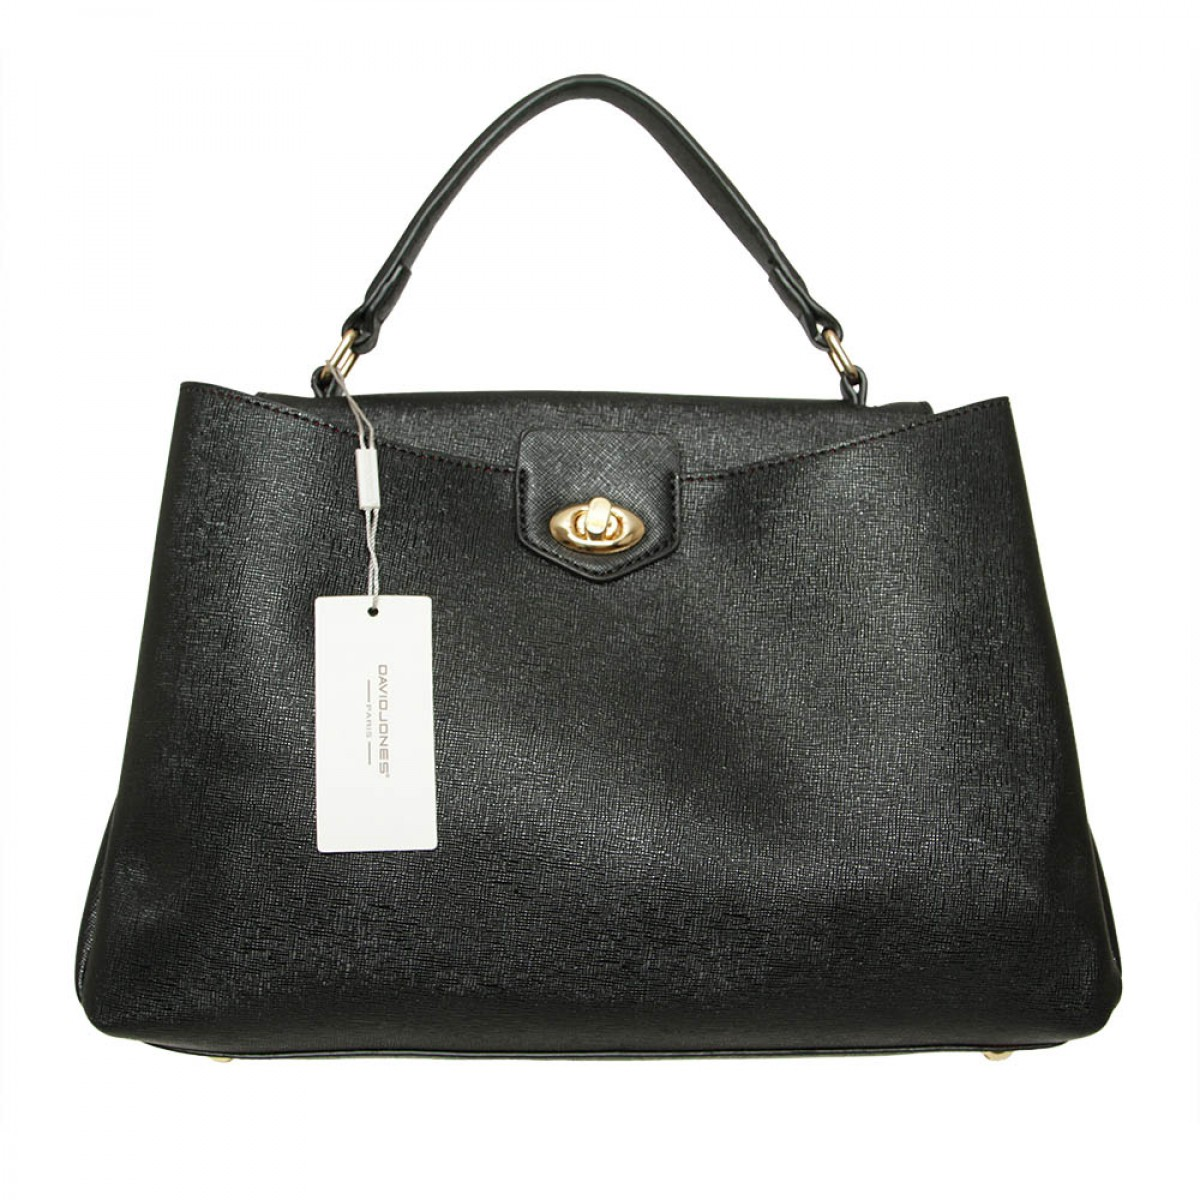 Жіноча сумка David Jones  CM 3249 Black